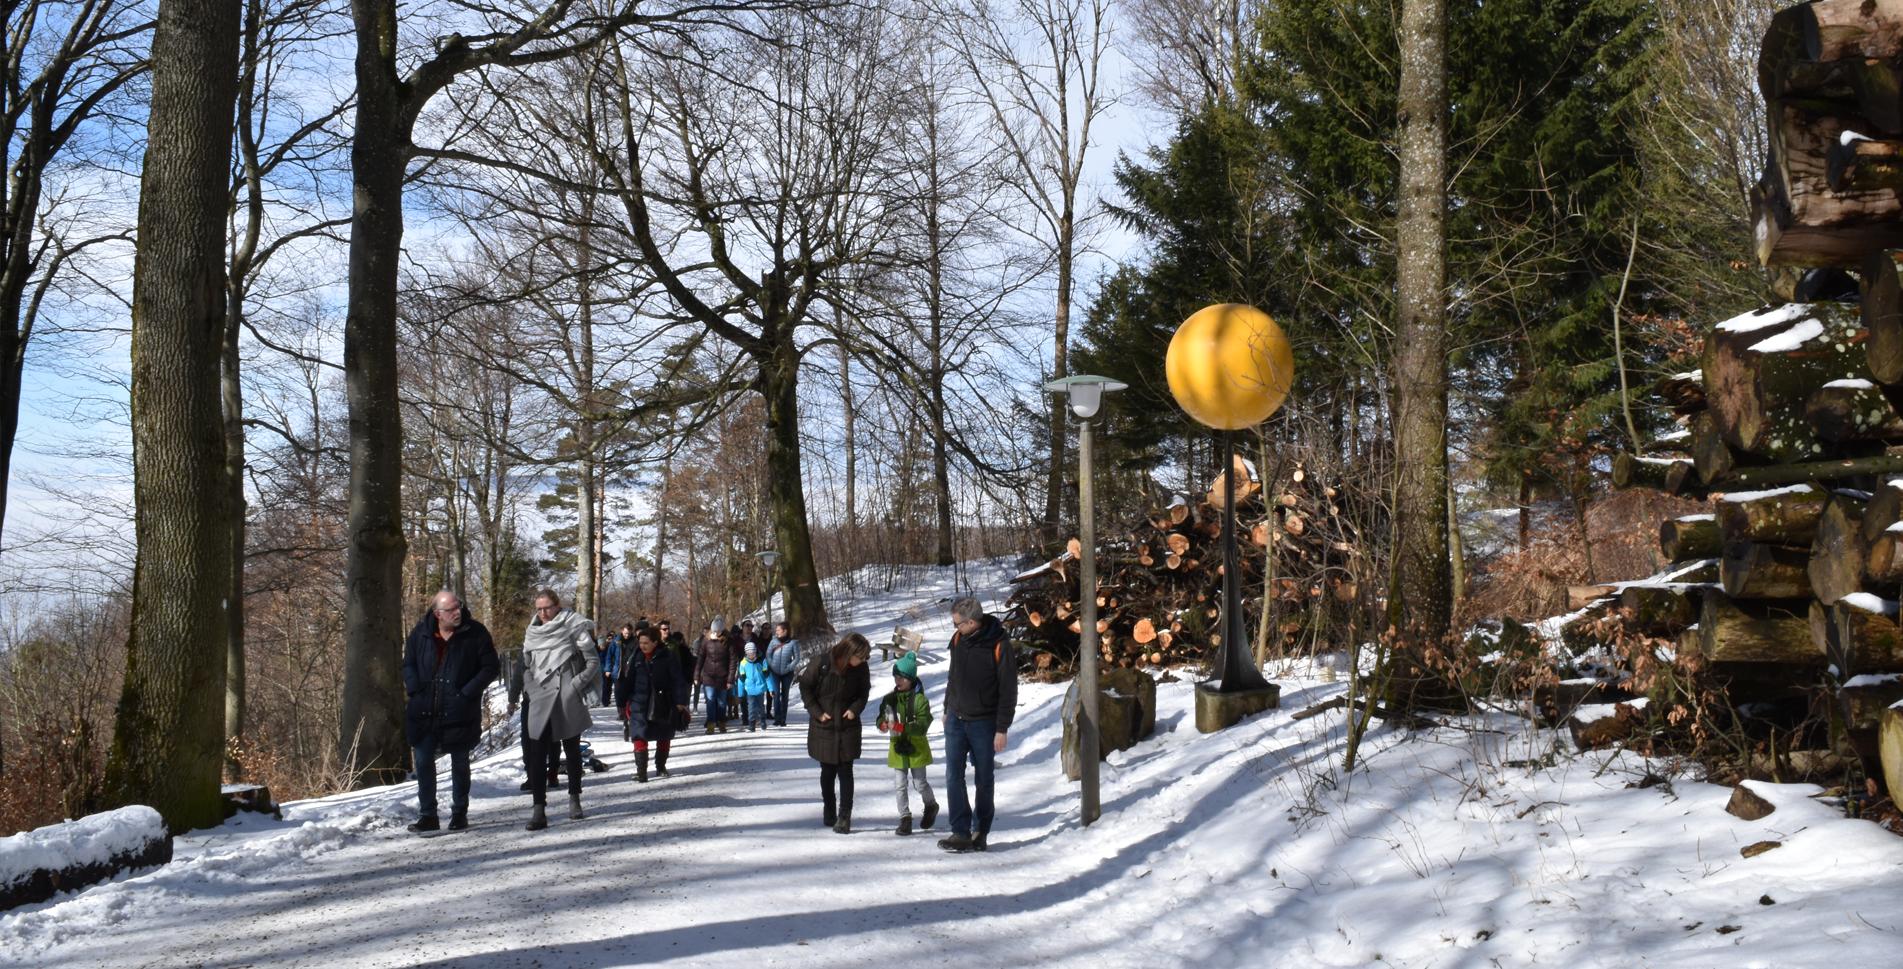 Wanderung auf dem Planetenweg vom Uetliberg via Uto Staffel, Mädikon, Balderen zur Felsenegg